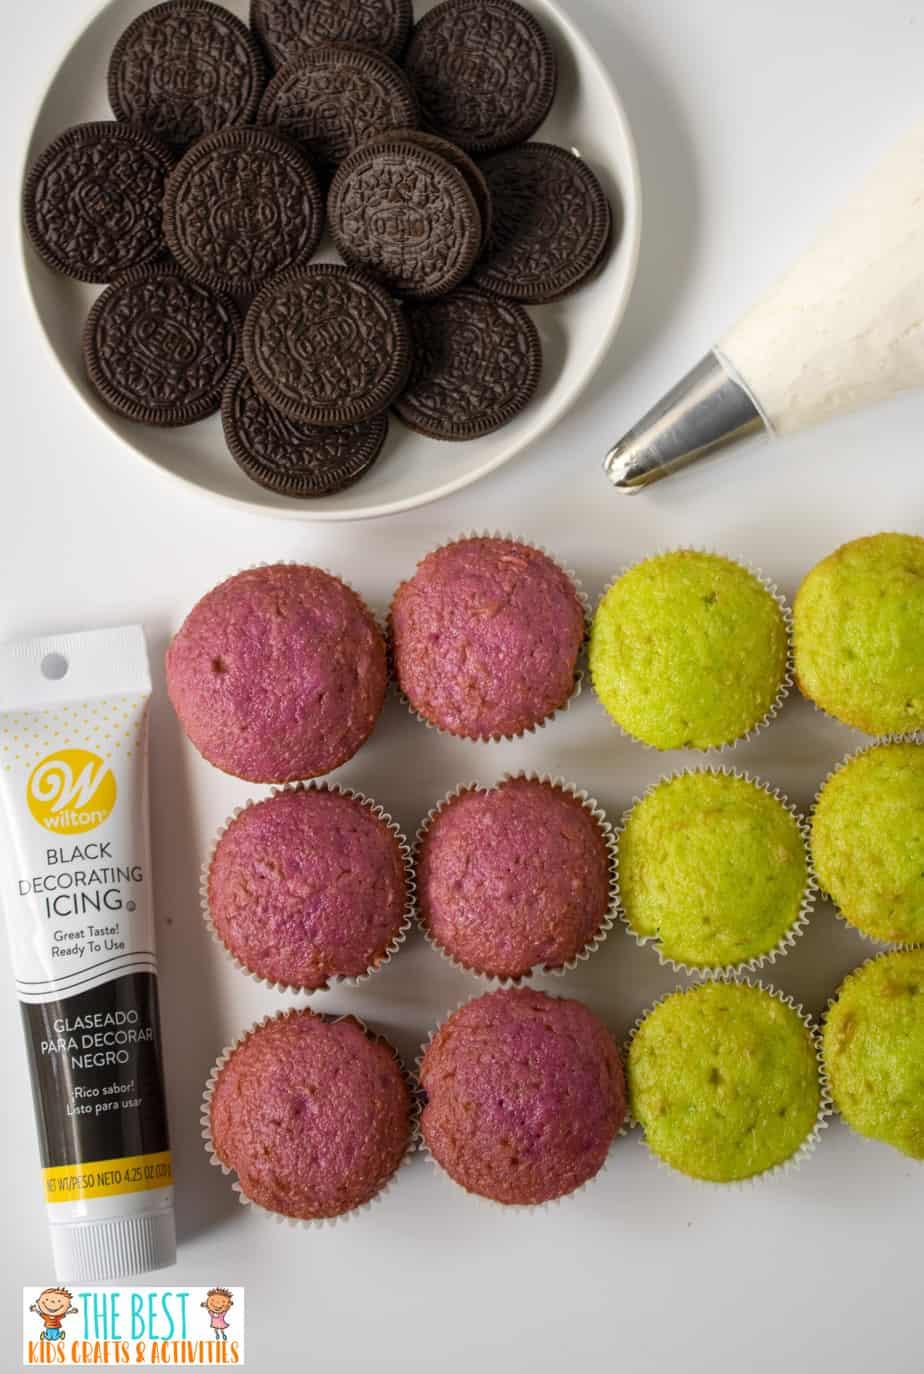 Spider cupcakes ingredients